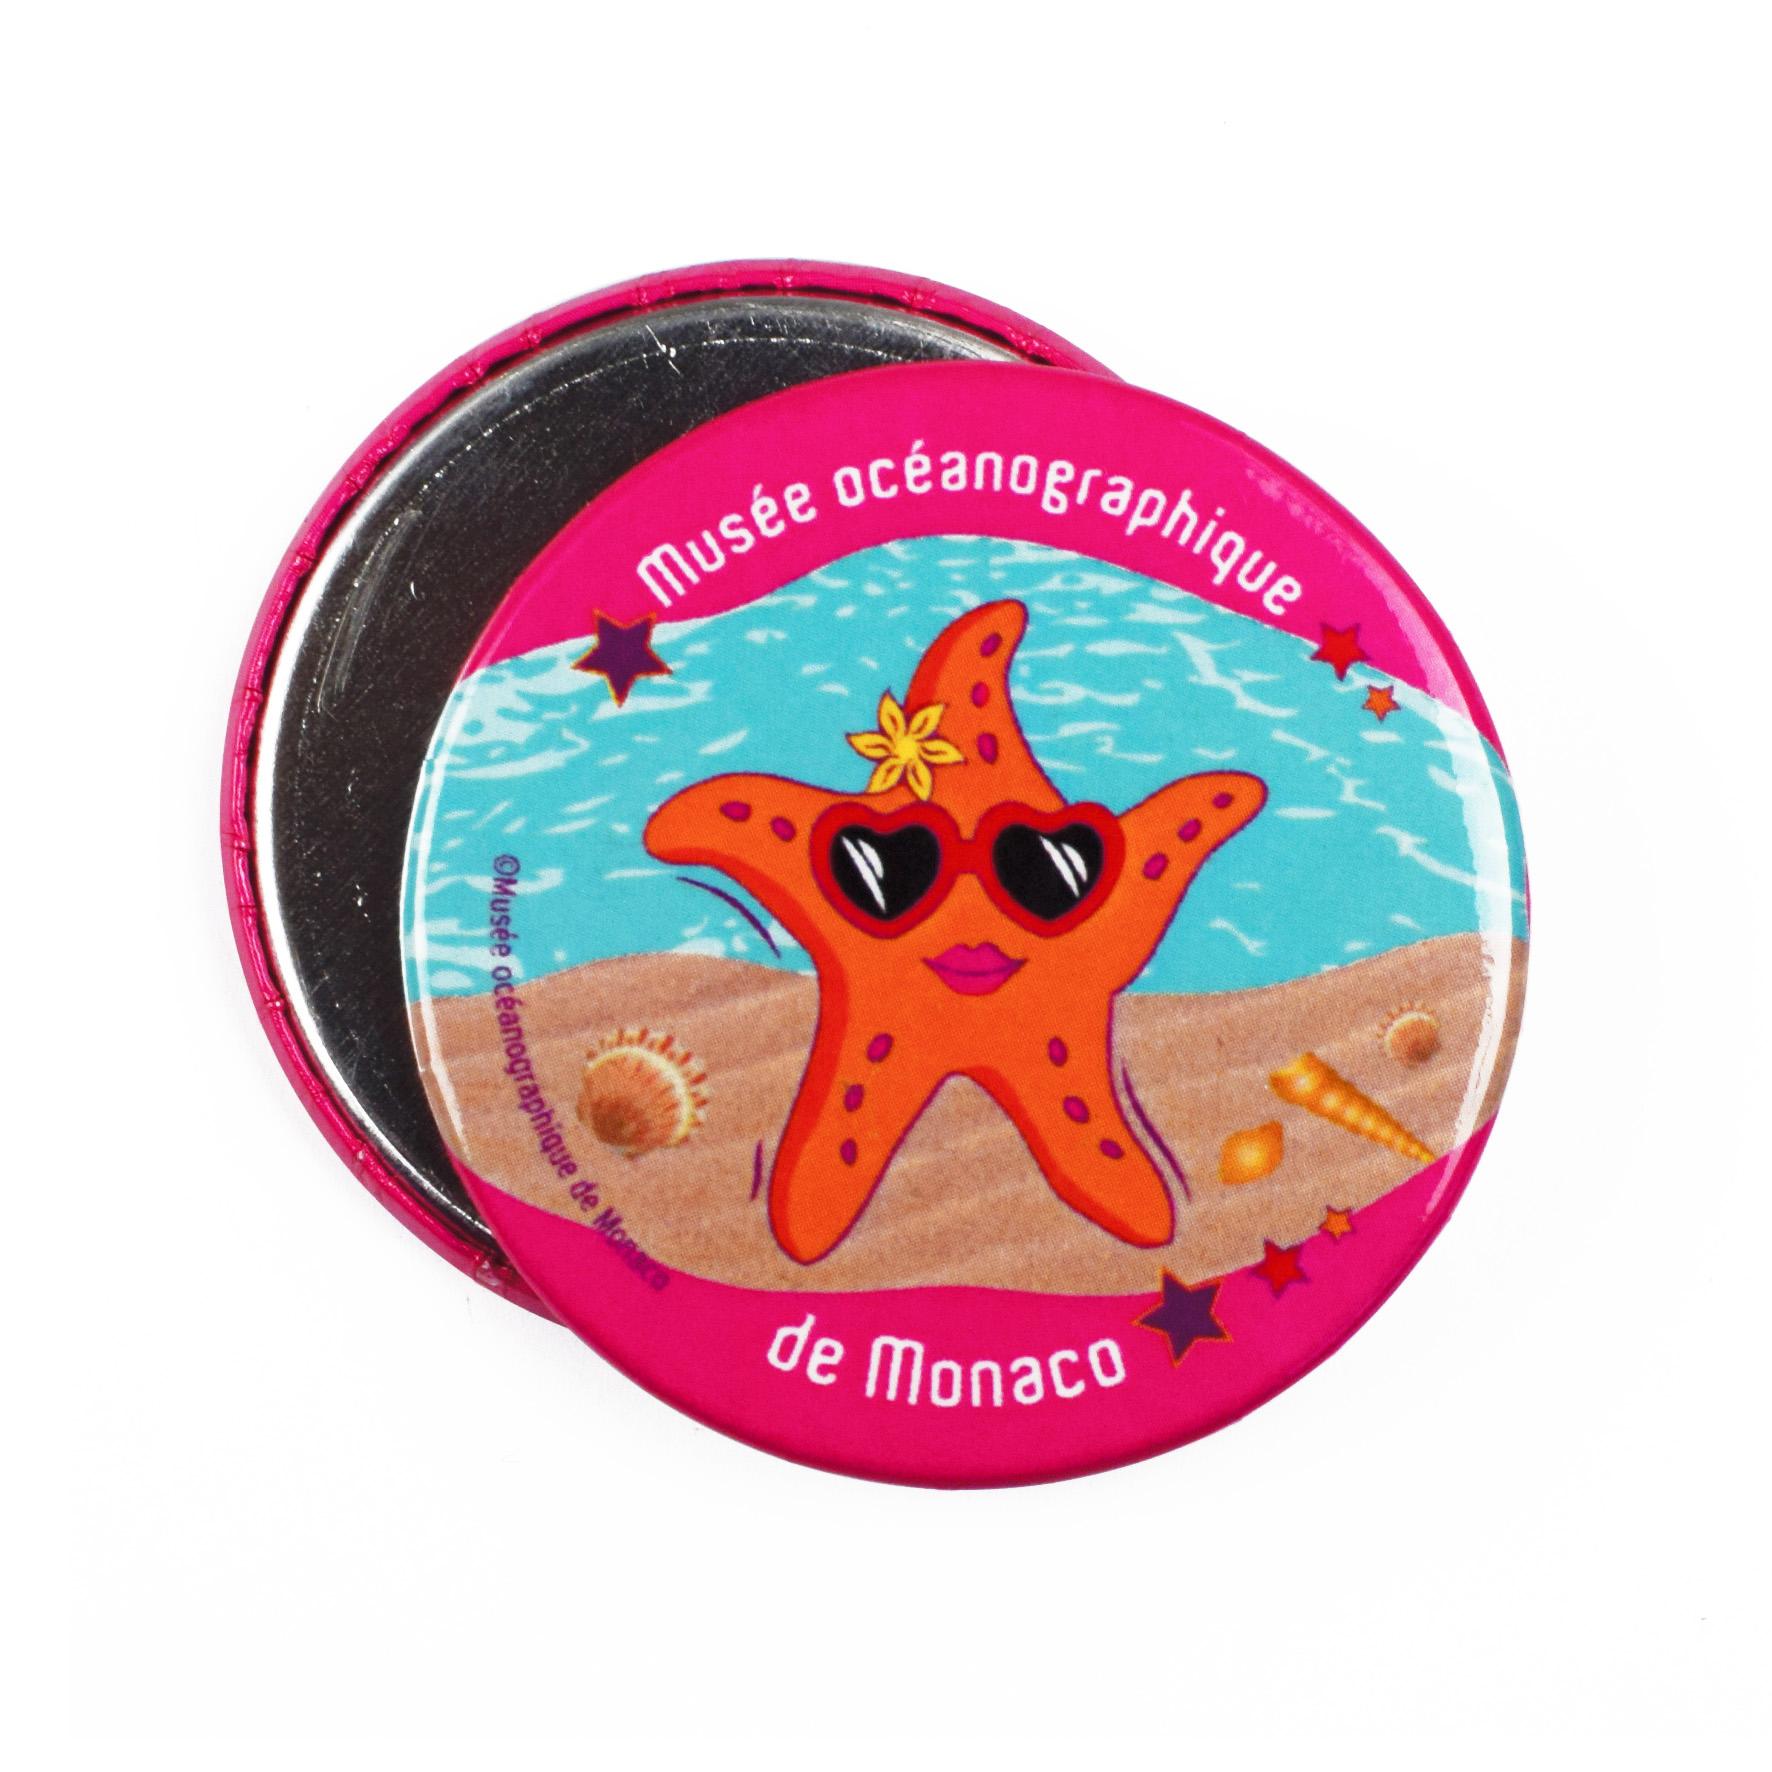 Magnete personalizzato bambino del Museo Oceanografico di Monaco